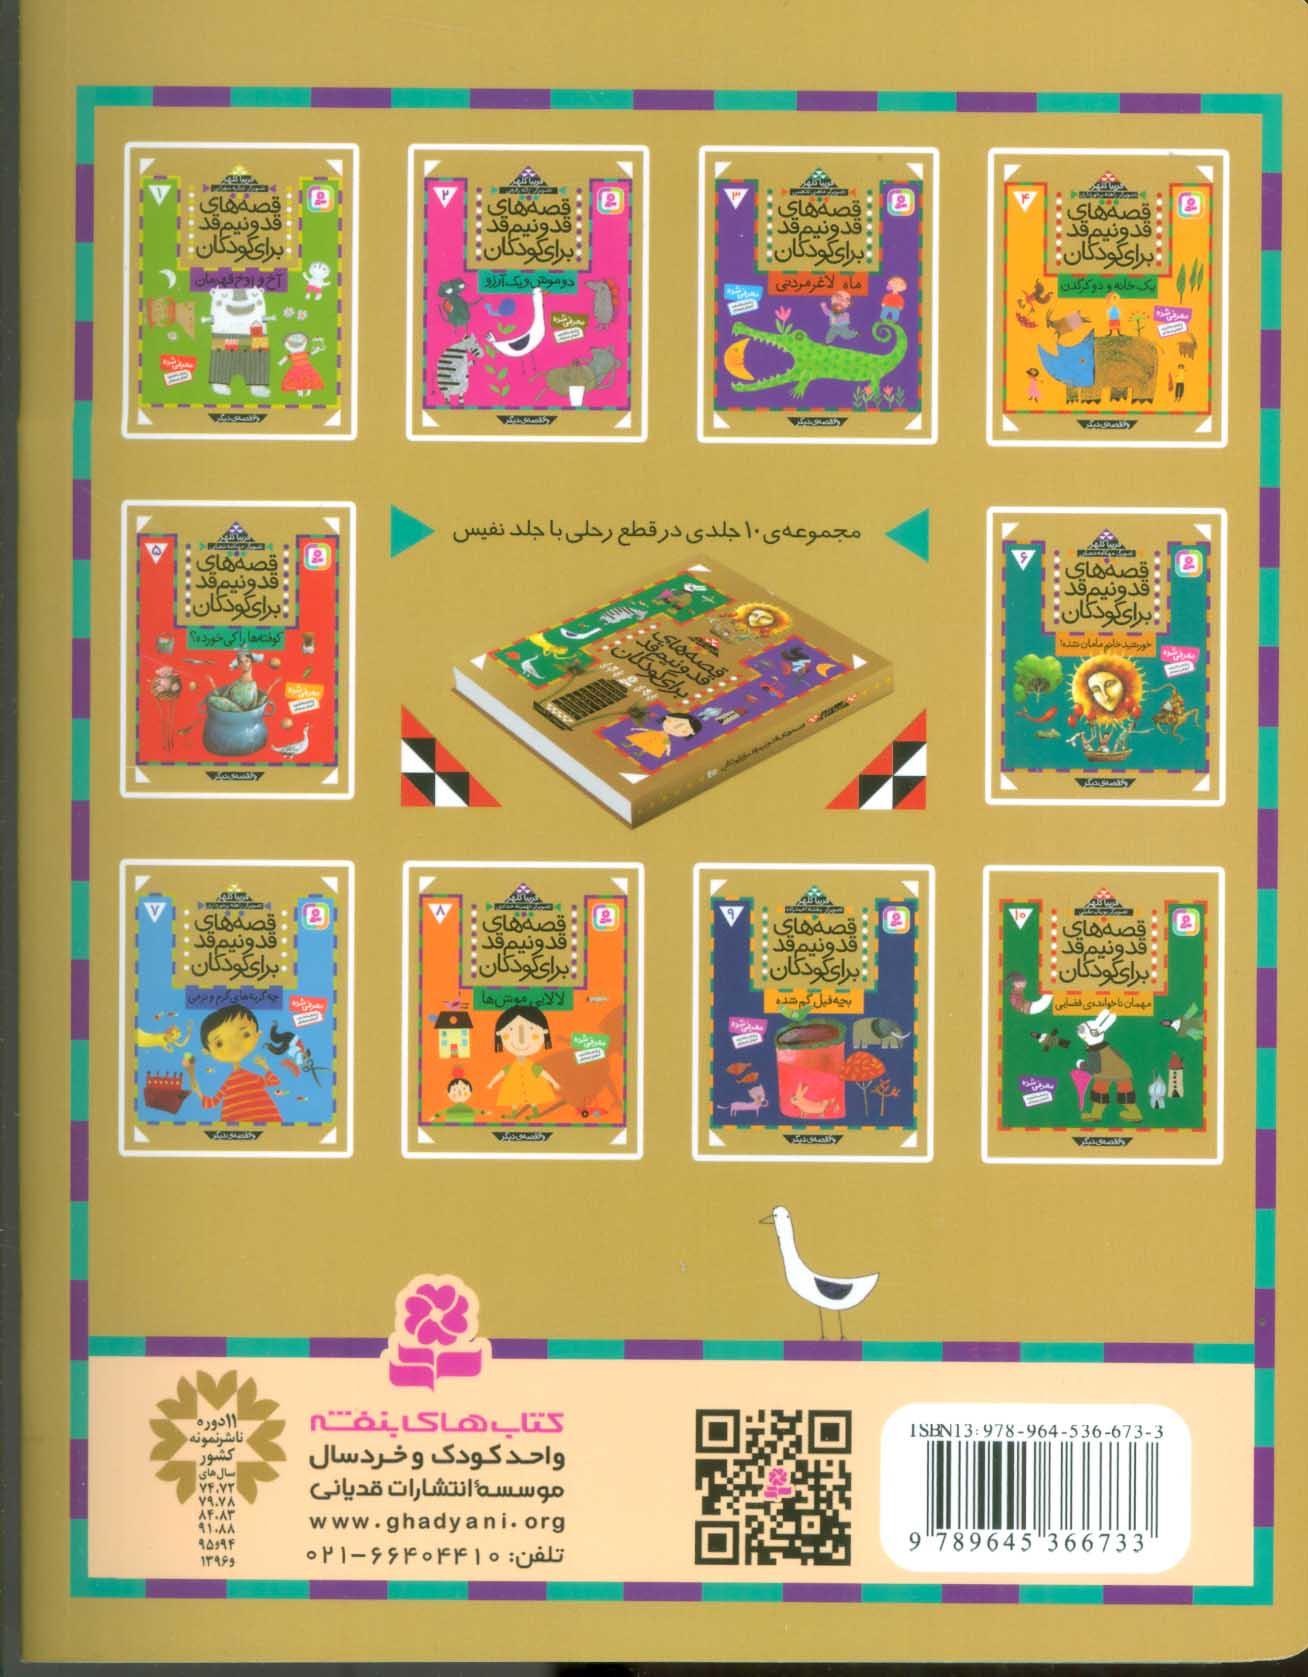 قصه های قد و نیم قد برای کودکان 2 (دو موش و یک آرزو و 6 قصه دیگر)